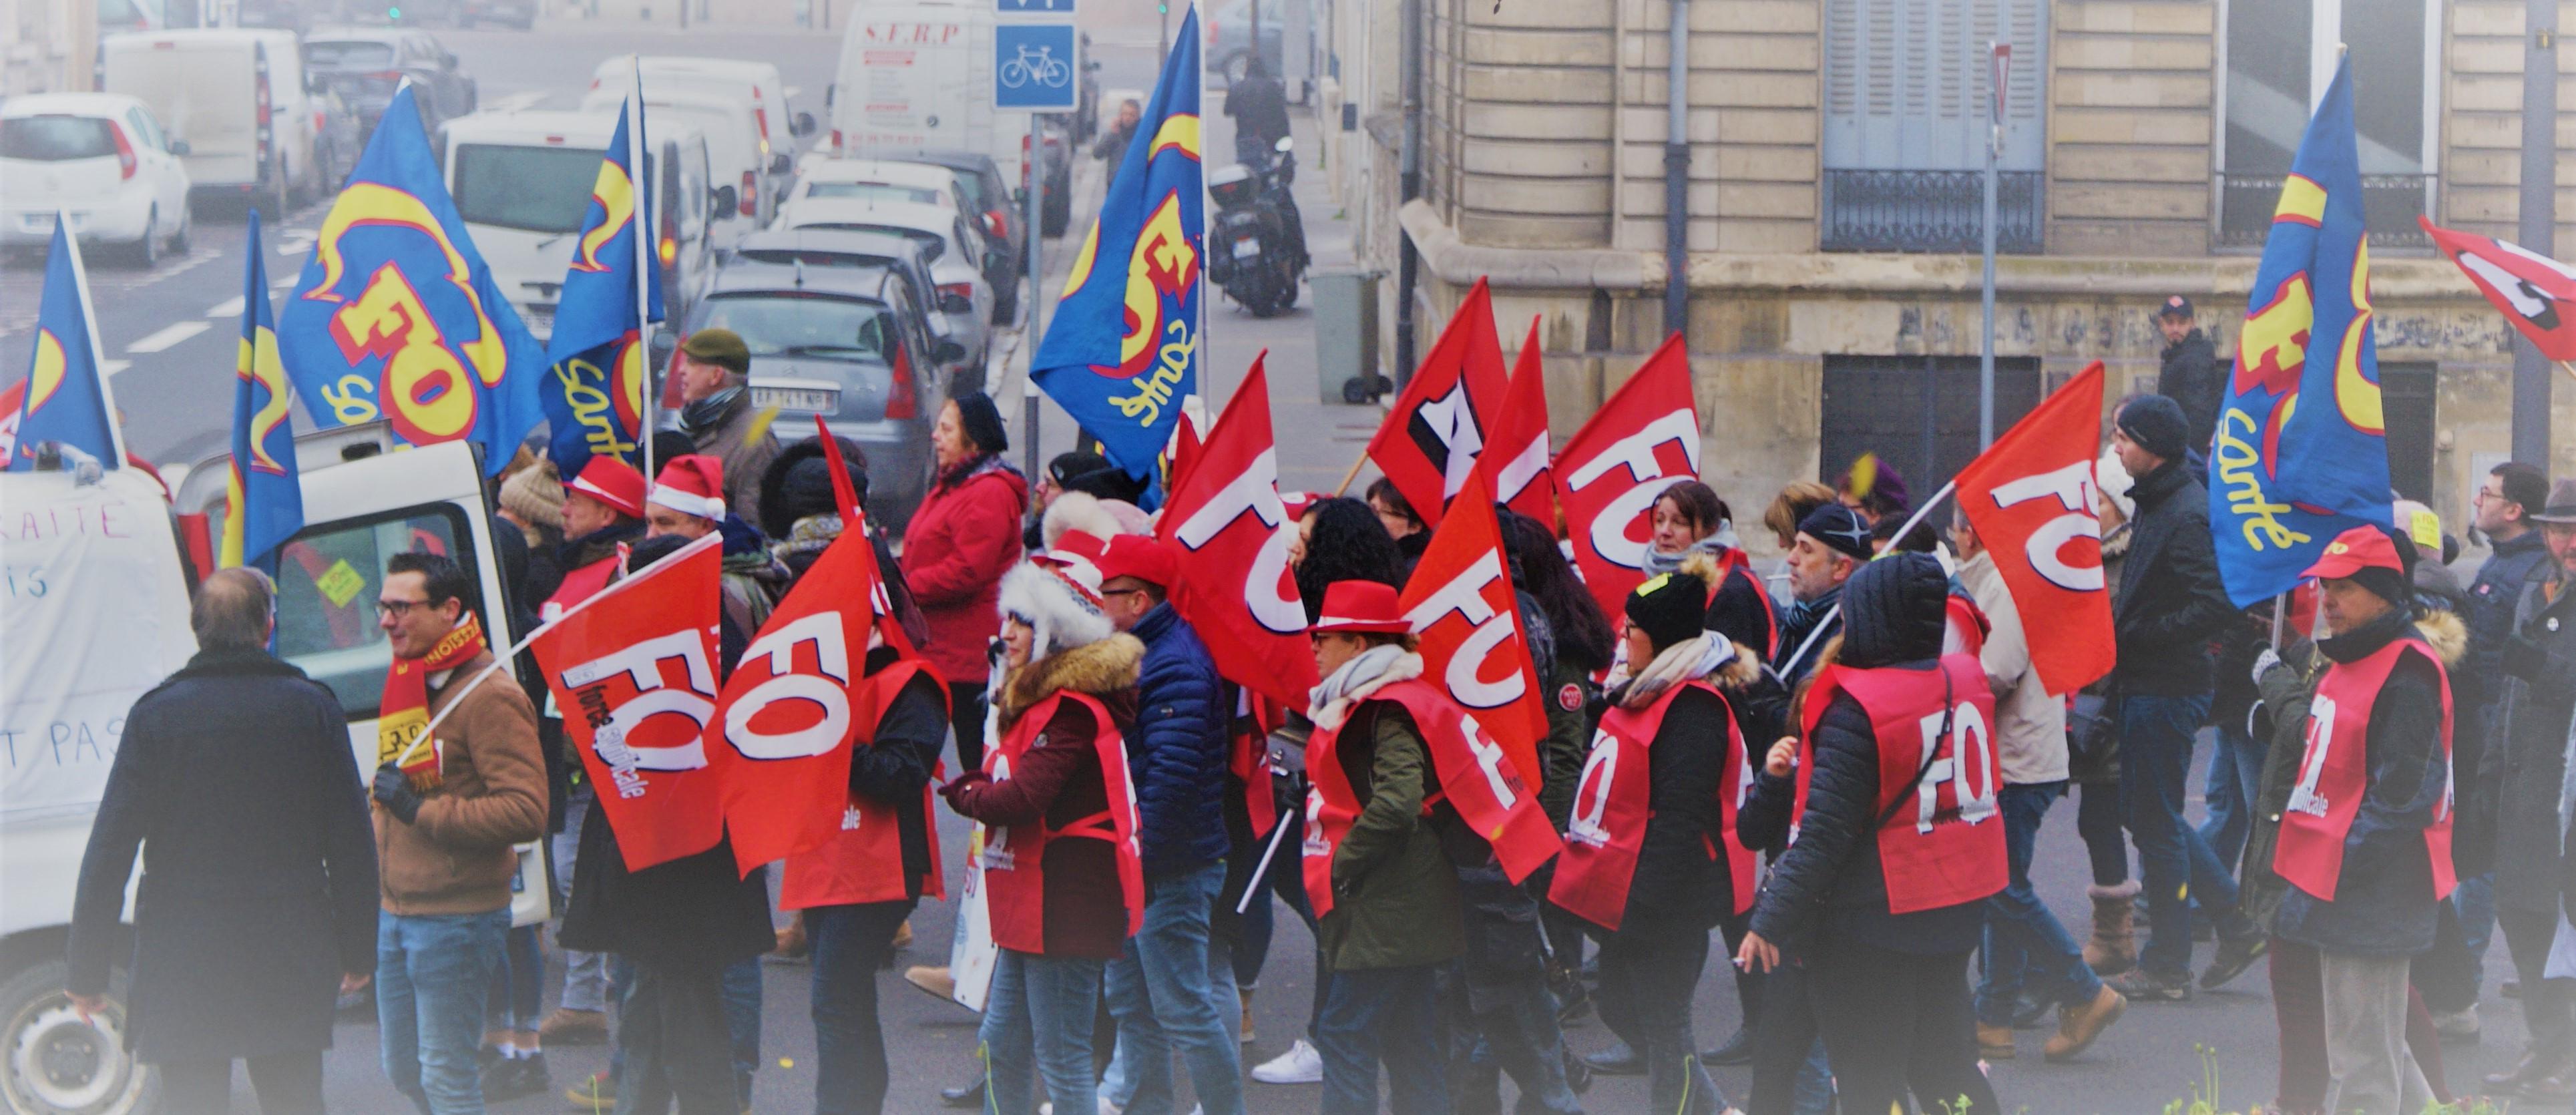 Grève_5 décembre 2019_REIMS_65